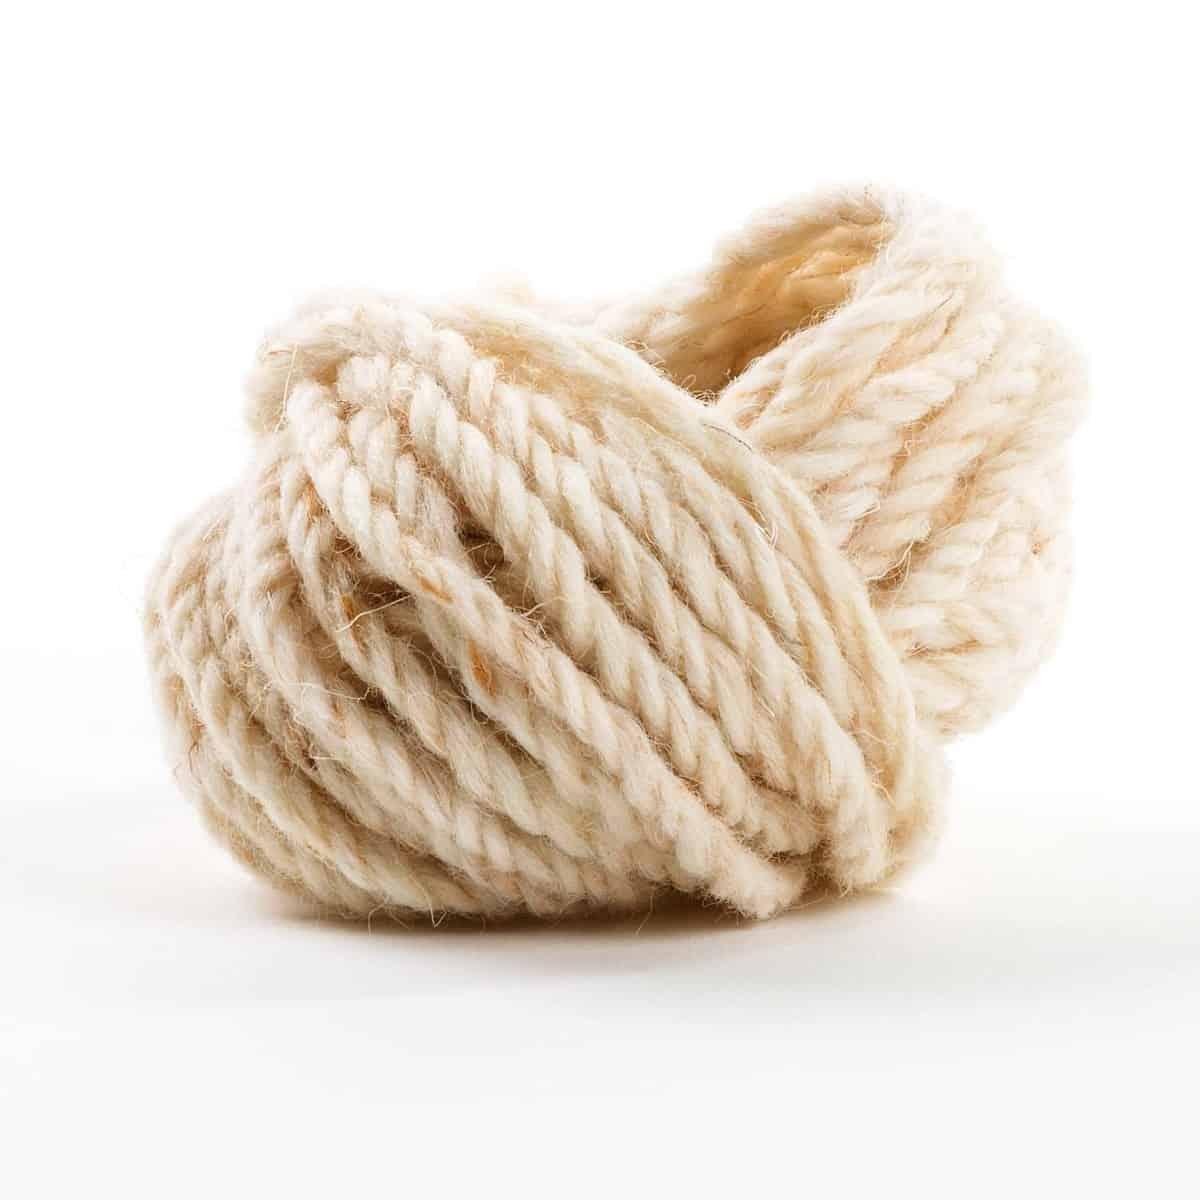 cordelette fine laine de mouton blanc naturel 10m x protection hivernale des plantes. Black Bedroom Furniture Sets. Home Design Ideas